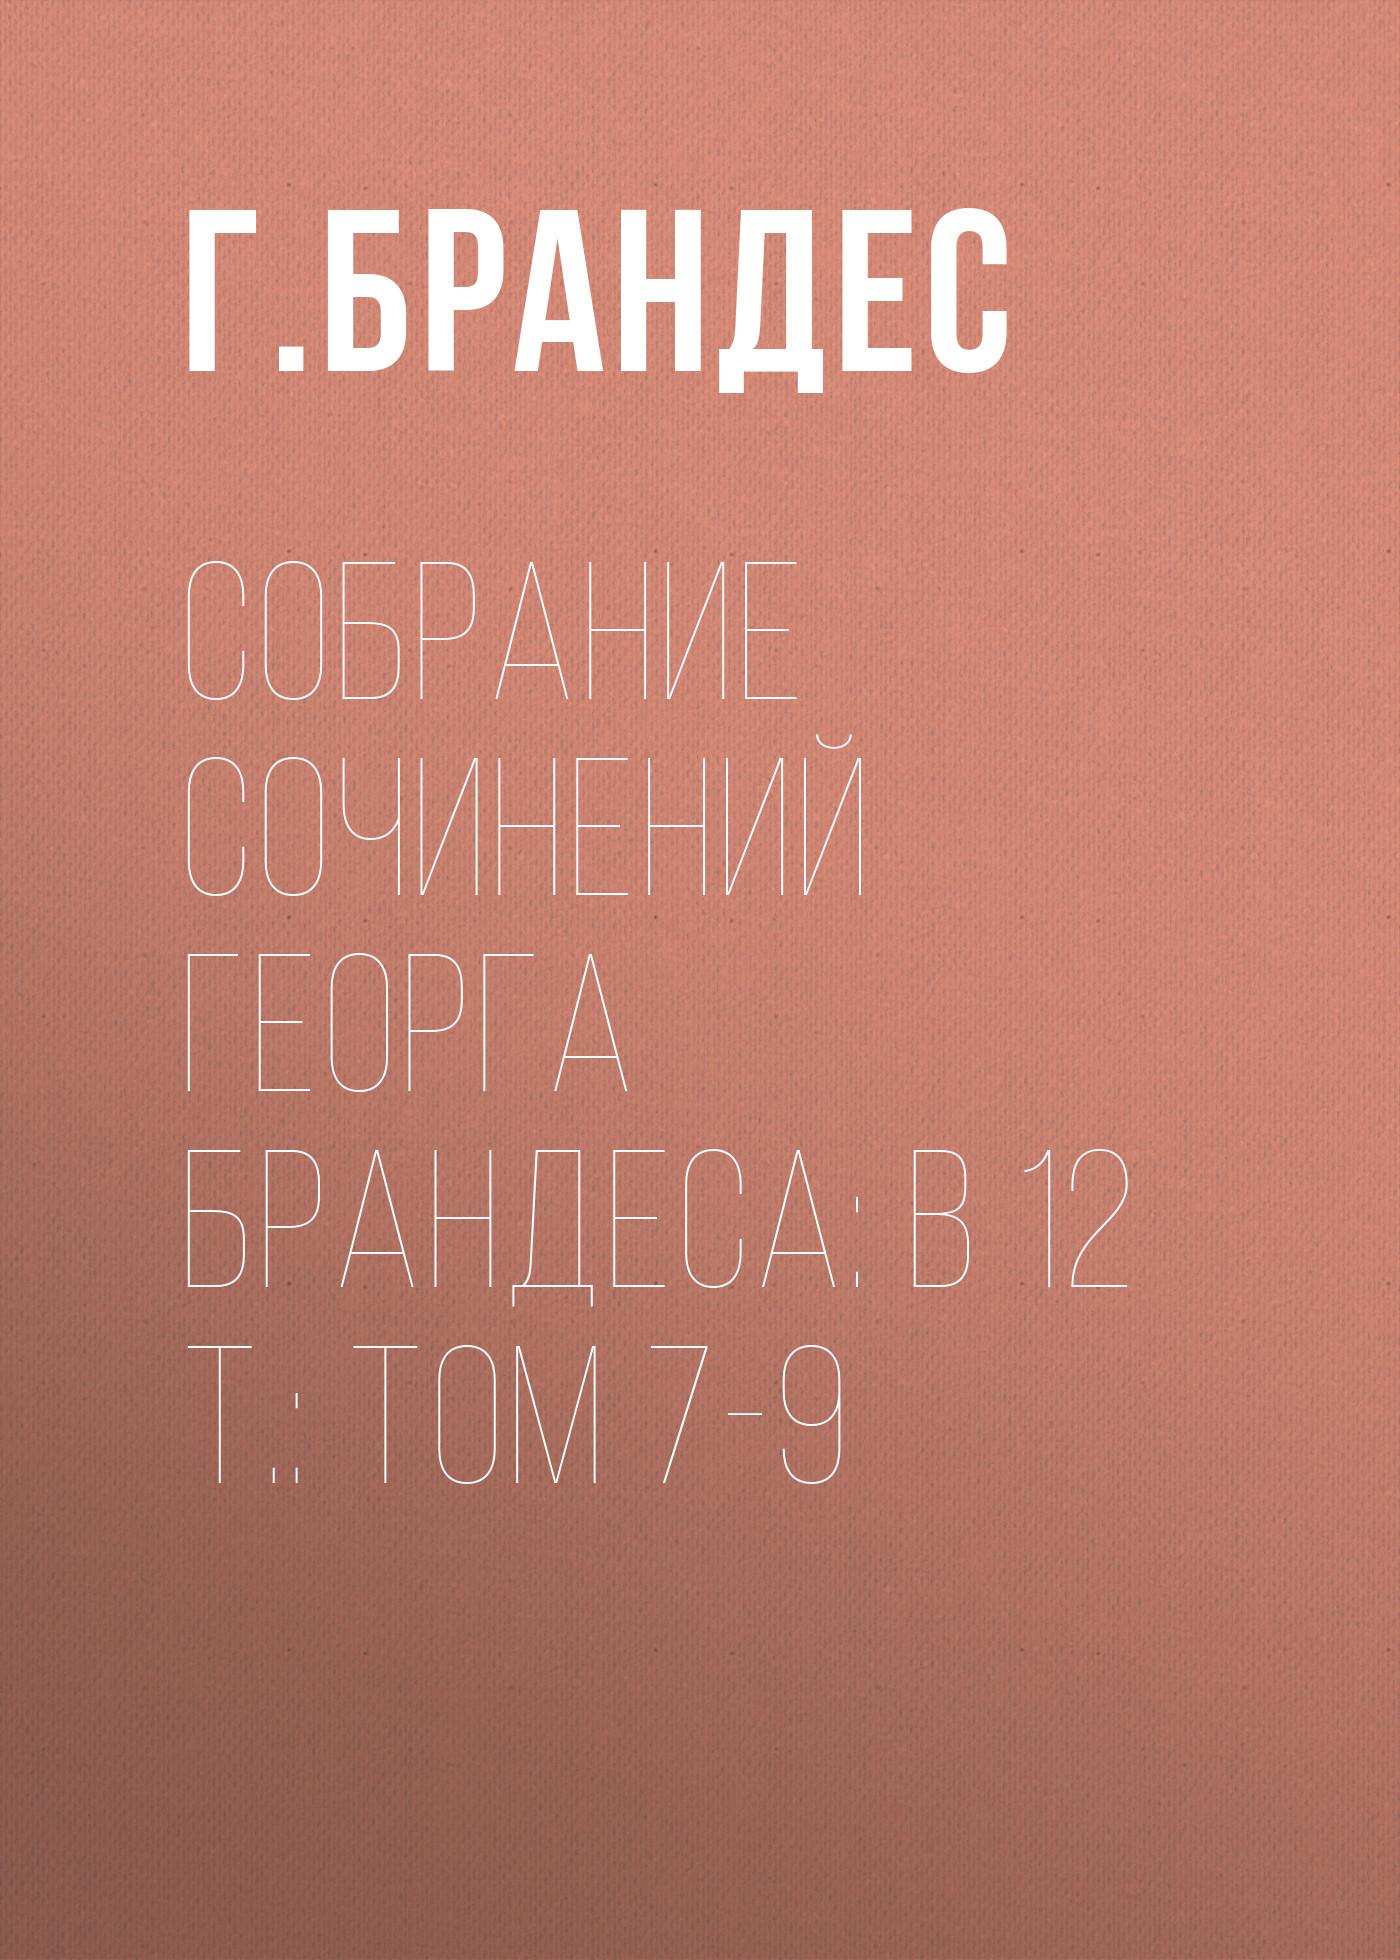 Г. Брандес Собрание сочинений Георга Брандеса: В 12 т.: Том 7-9 неизвестный автор церковные ведомости год 9 7 12